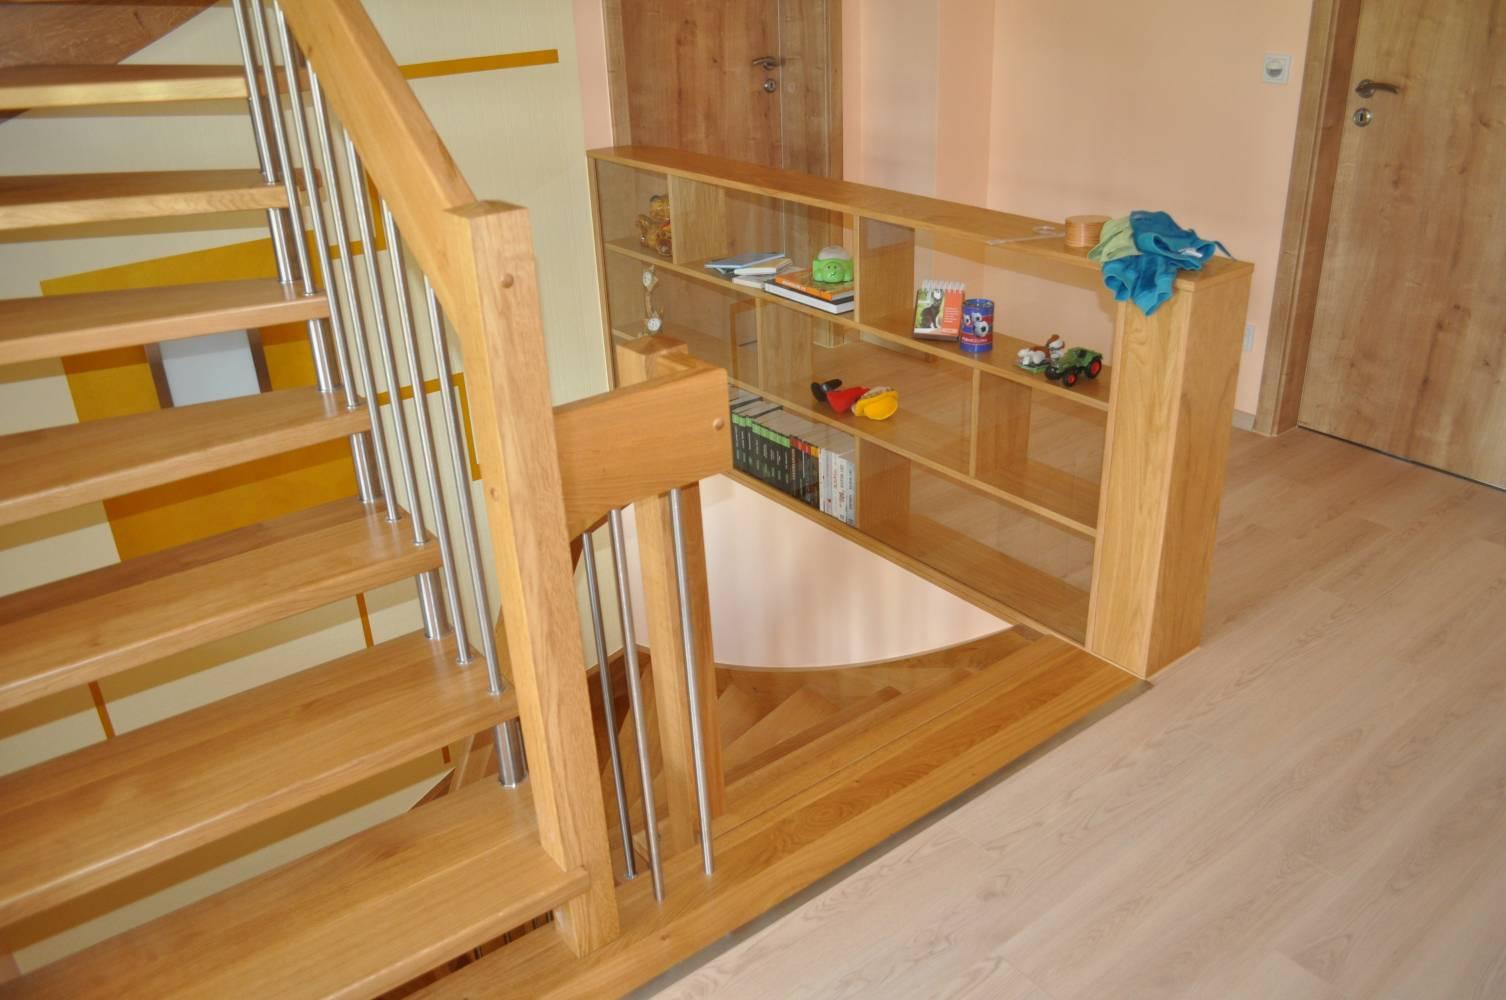 referenzen bauelemente ideeal strecker und rogge gmbh. Black Bedroom Furniture Sets. Home Design Ideas